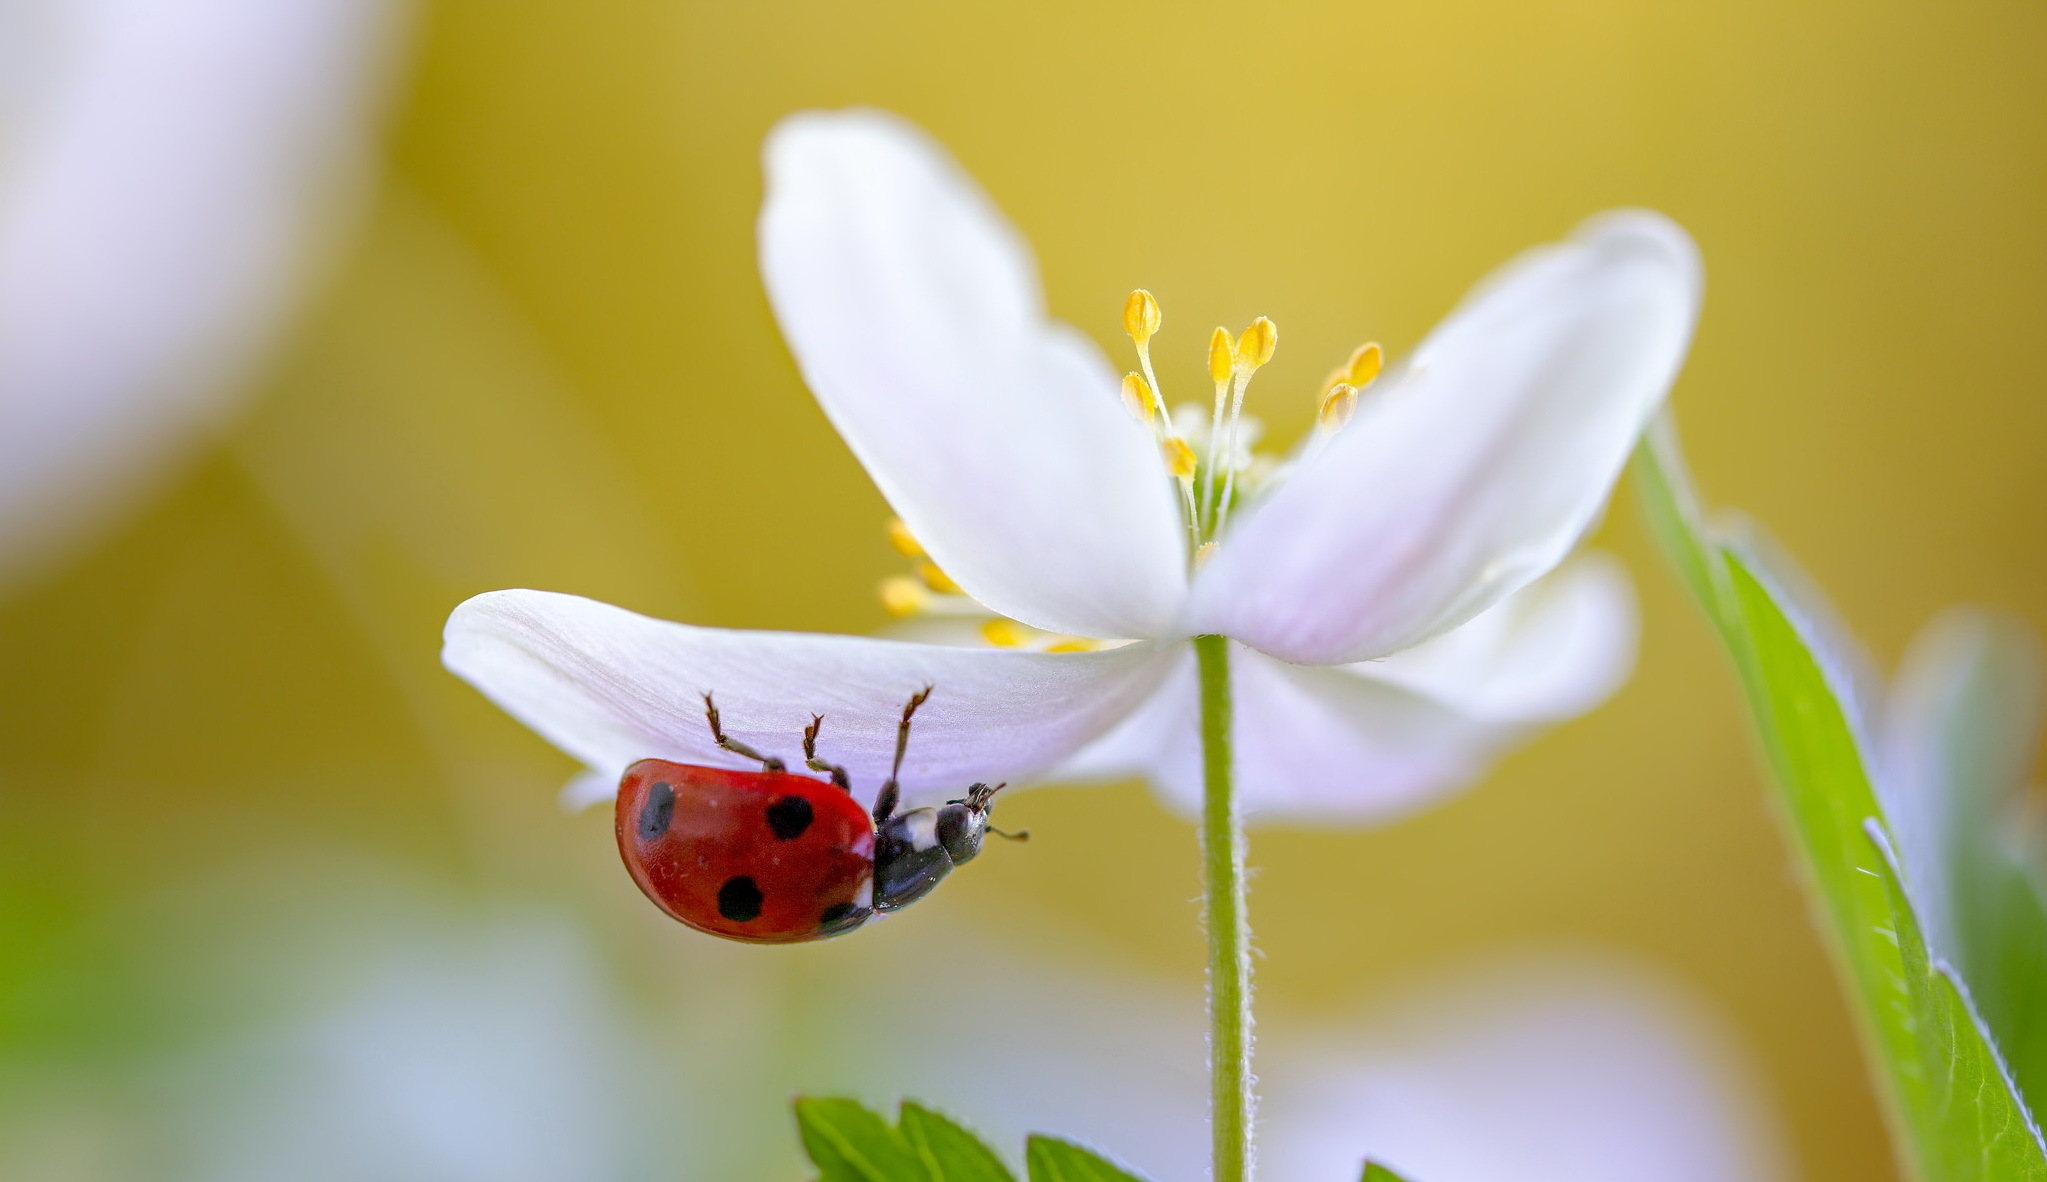 природа насекомое божья коровка цветок  № 3008115 загрузить